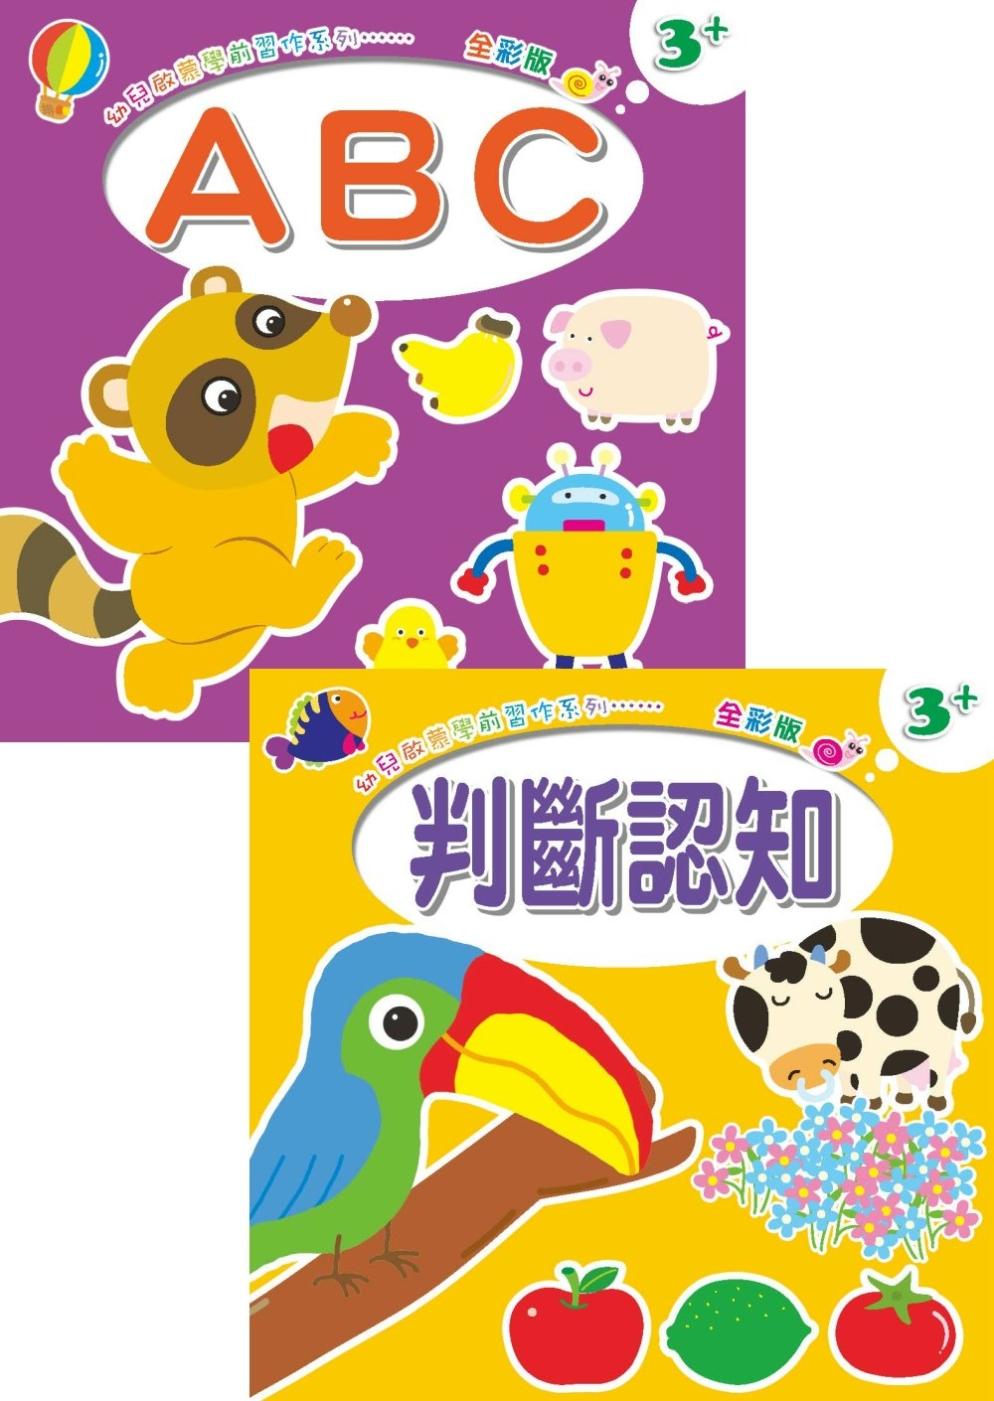 幼兒啟蒙學前習作:ABC、判斷認知